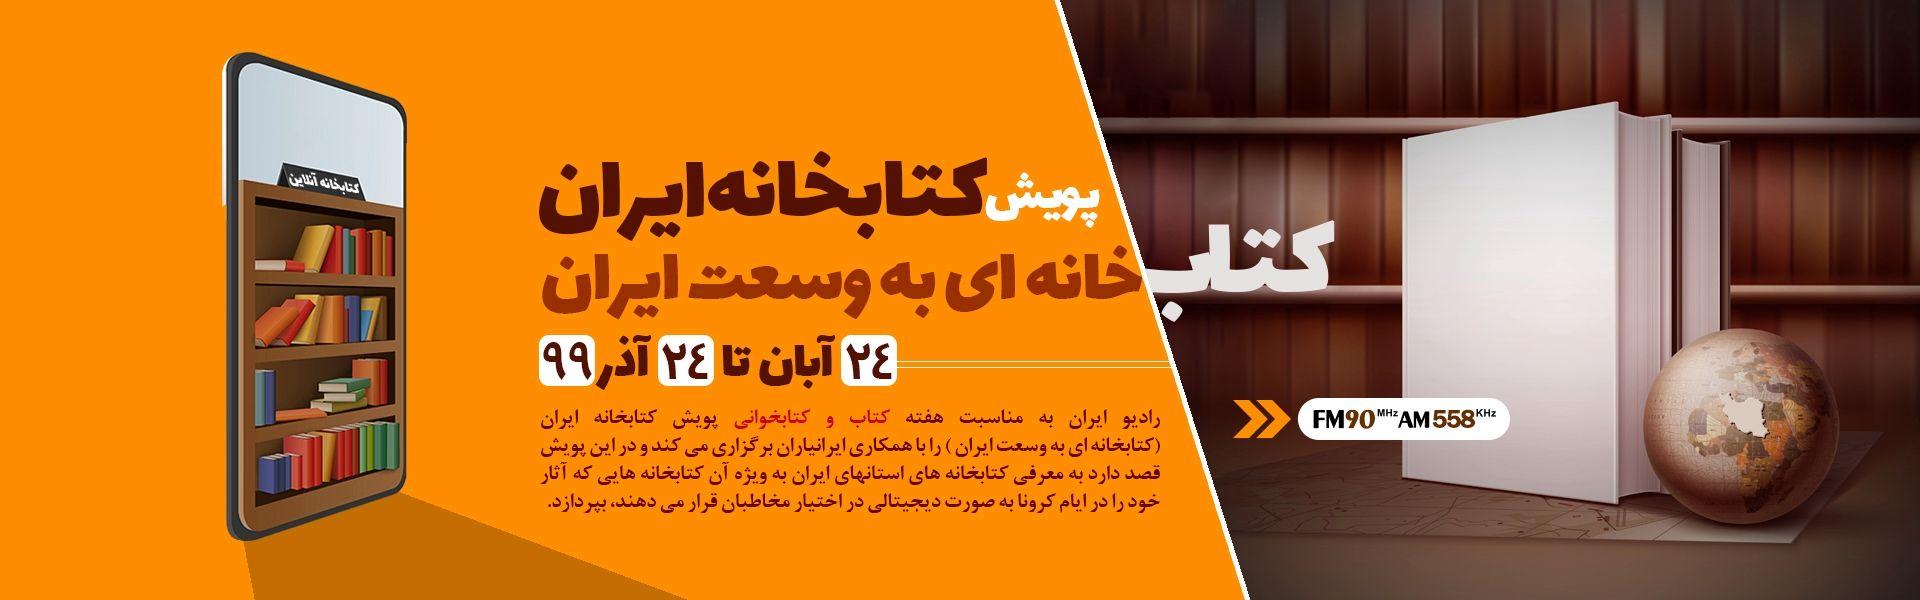 پویش کتابخانه ایران